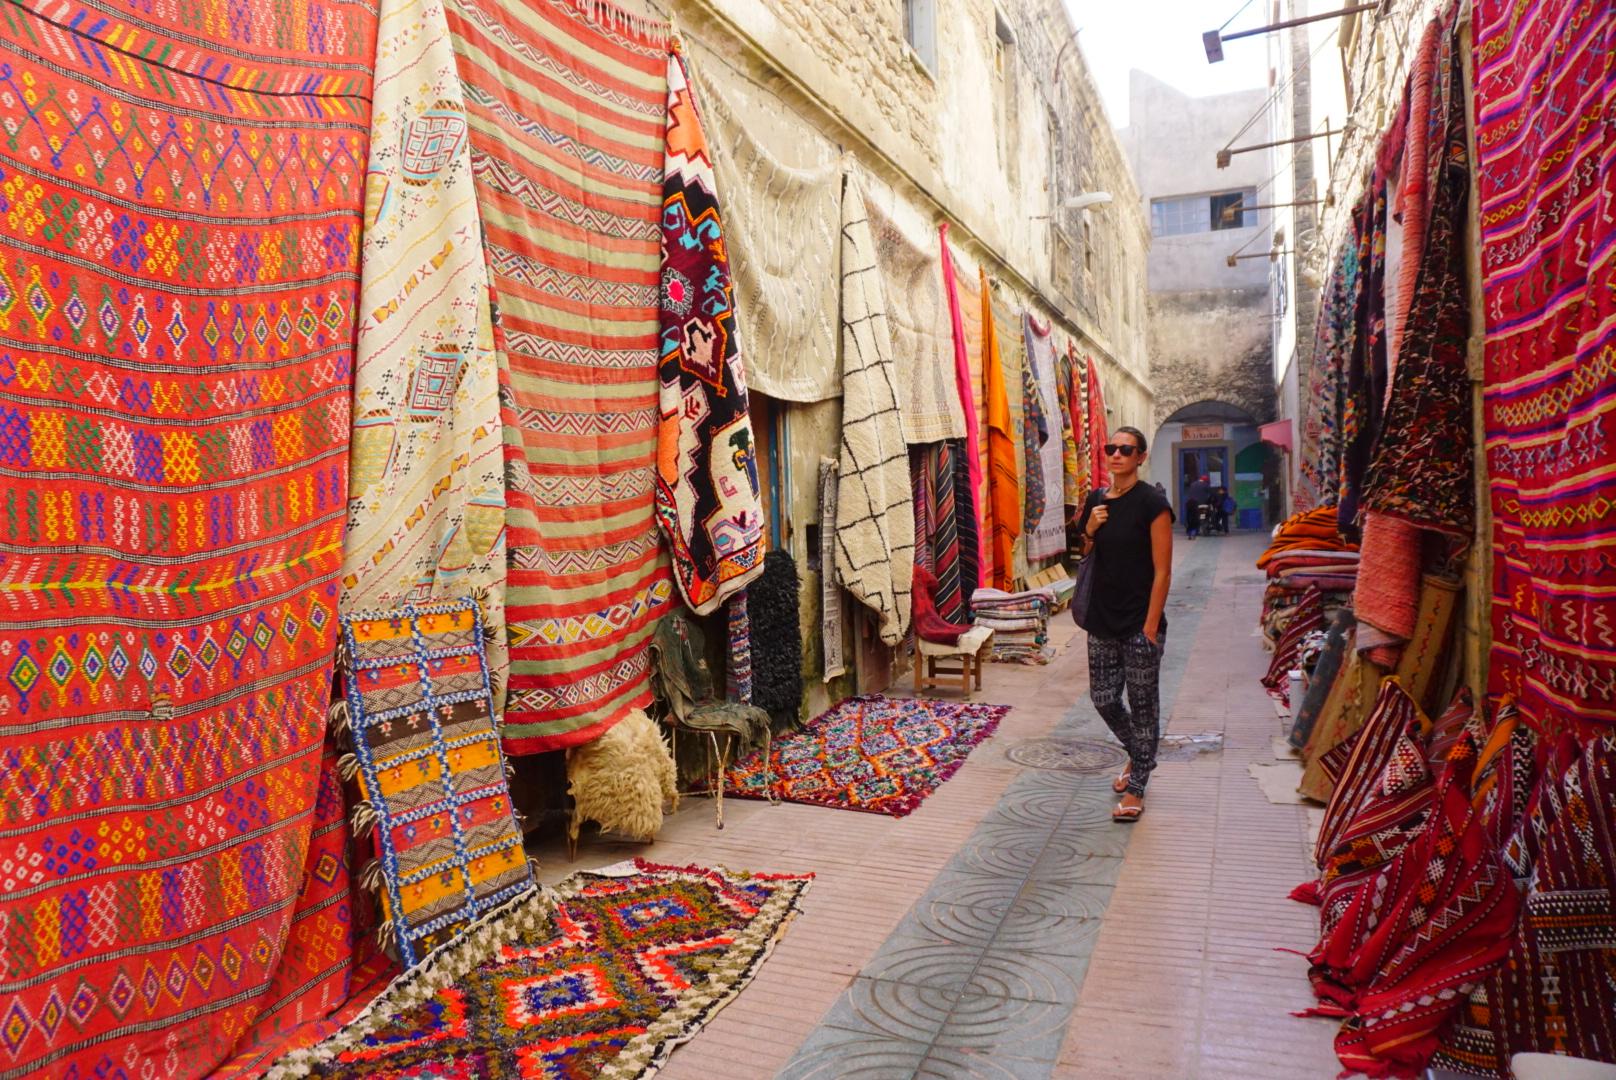 Maroko: Hammam – procedura, kterou si prostě musíte projít